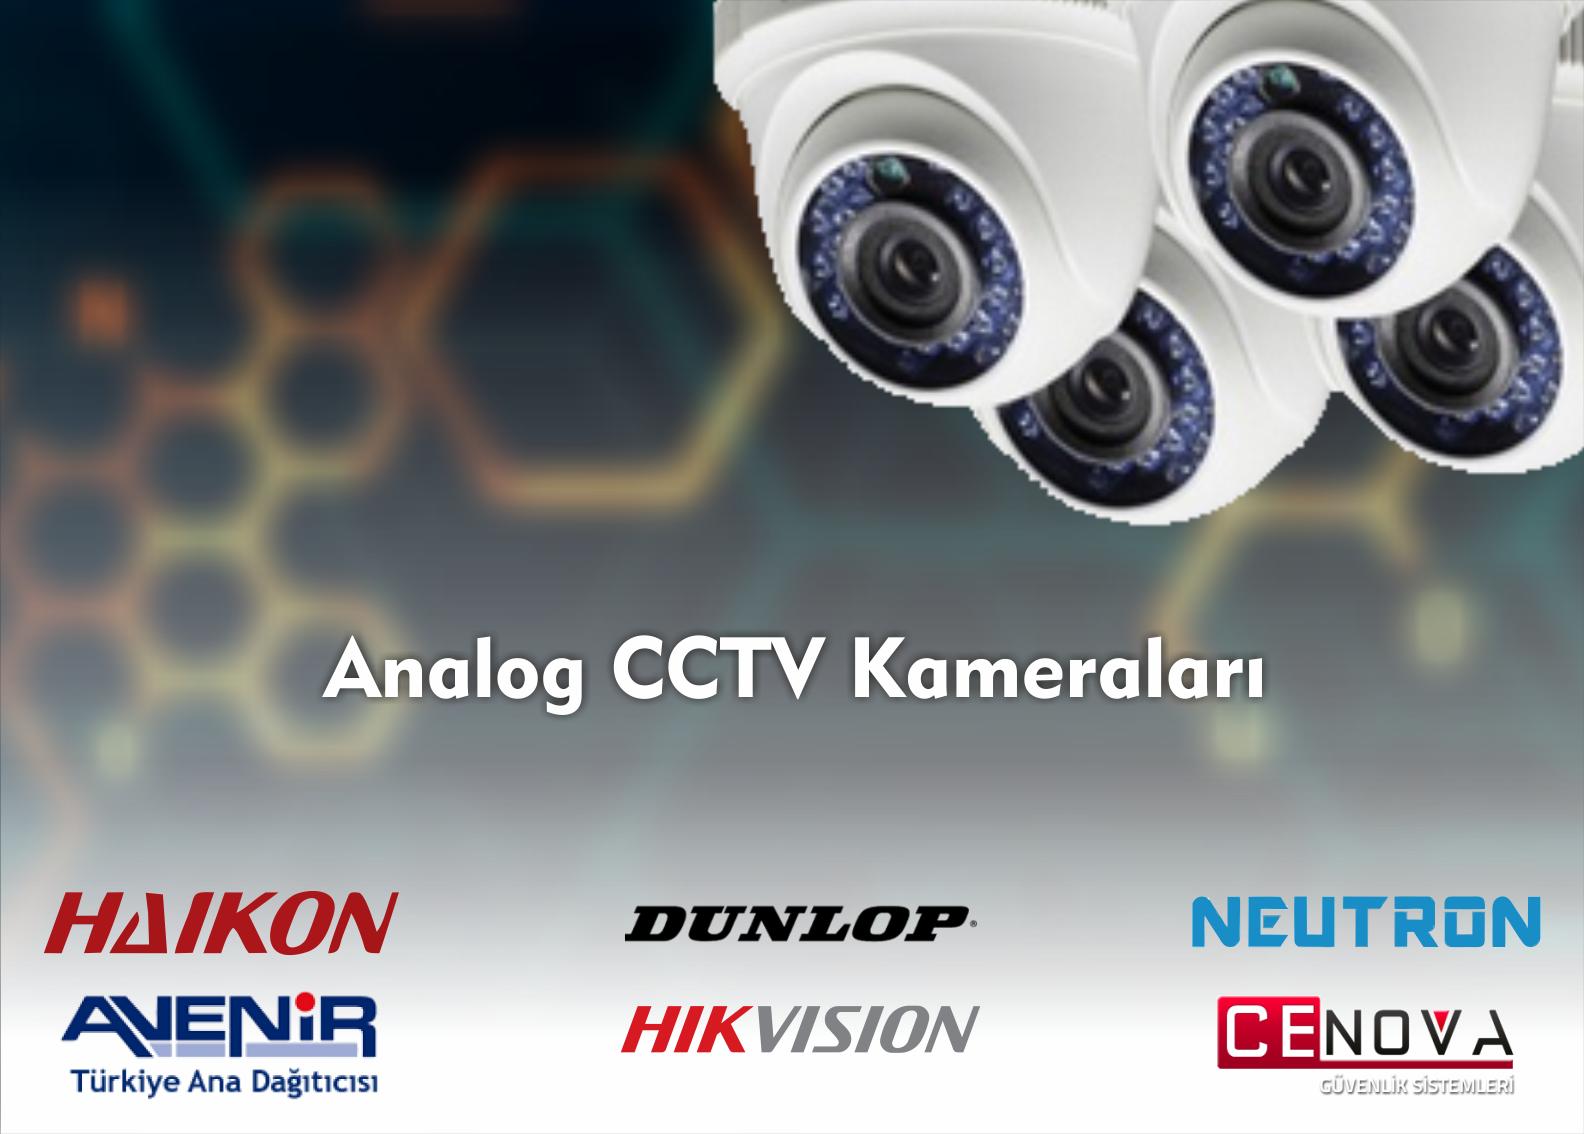 ANALOG CCTV KAMERALARI